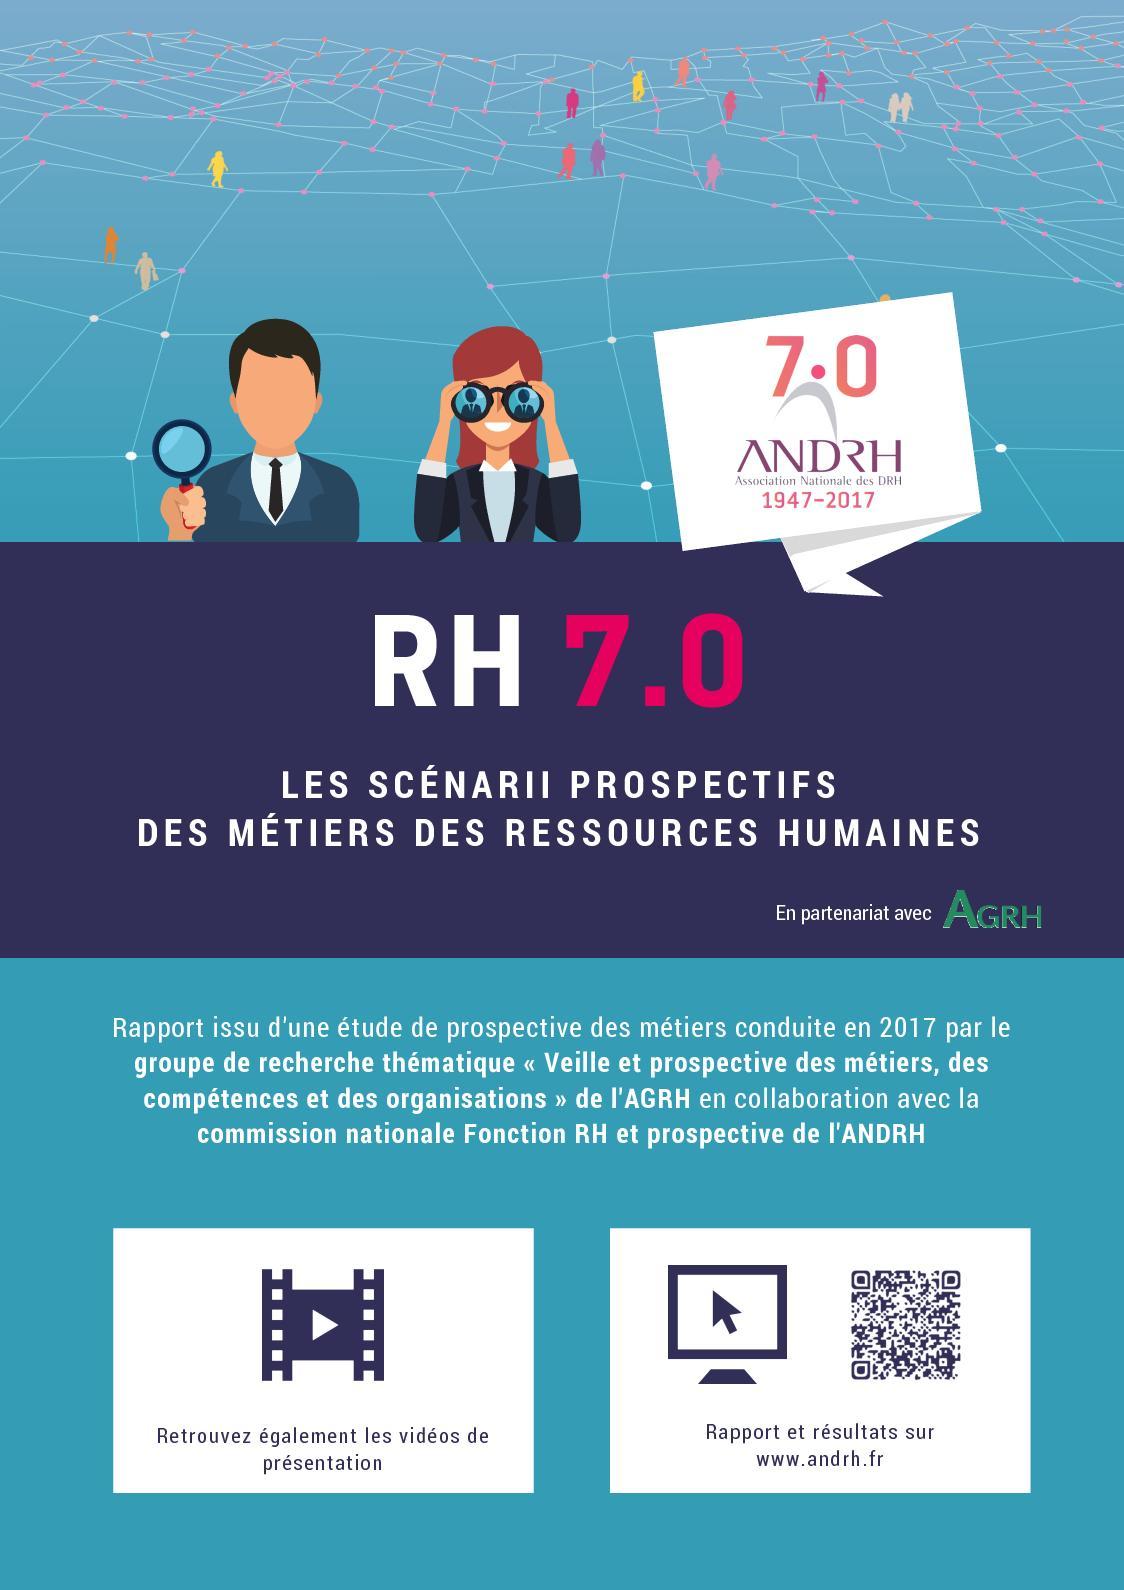 calaméo - rh 7.0 : les scénarii prospectifs des métiers des